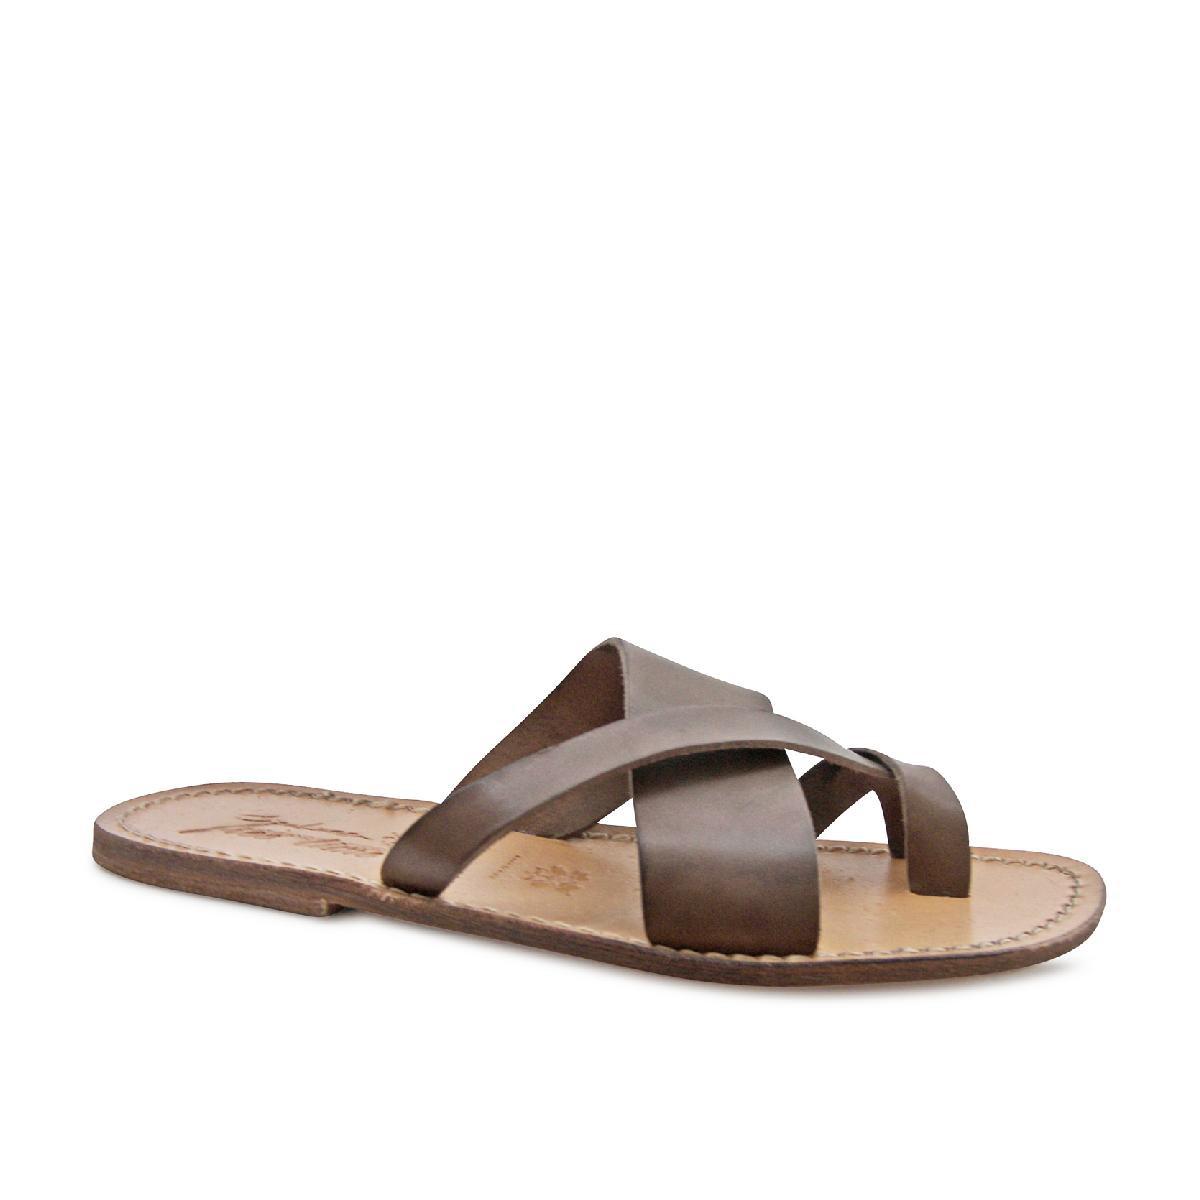 Vintage Leather Sandals 47